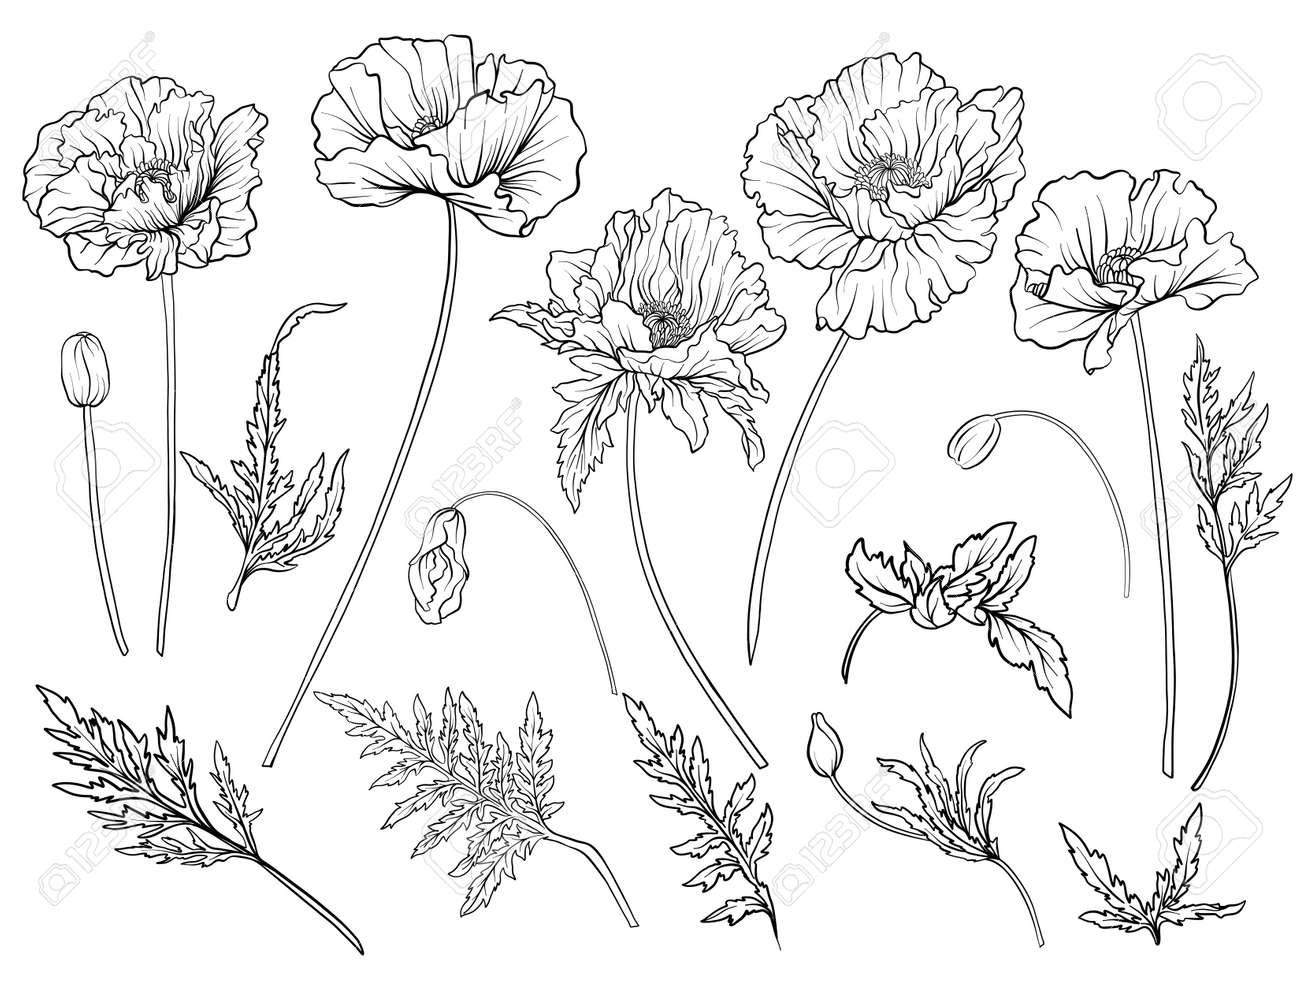 Poppy flowers. Set of outline flowers. - 80628332